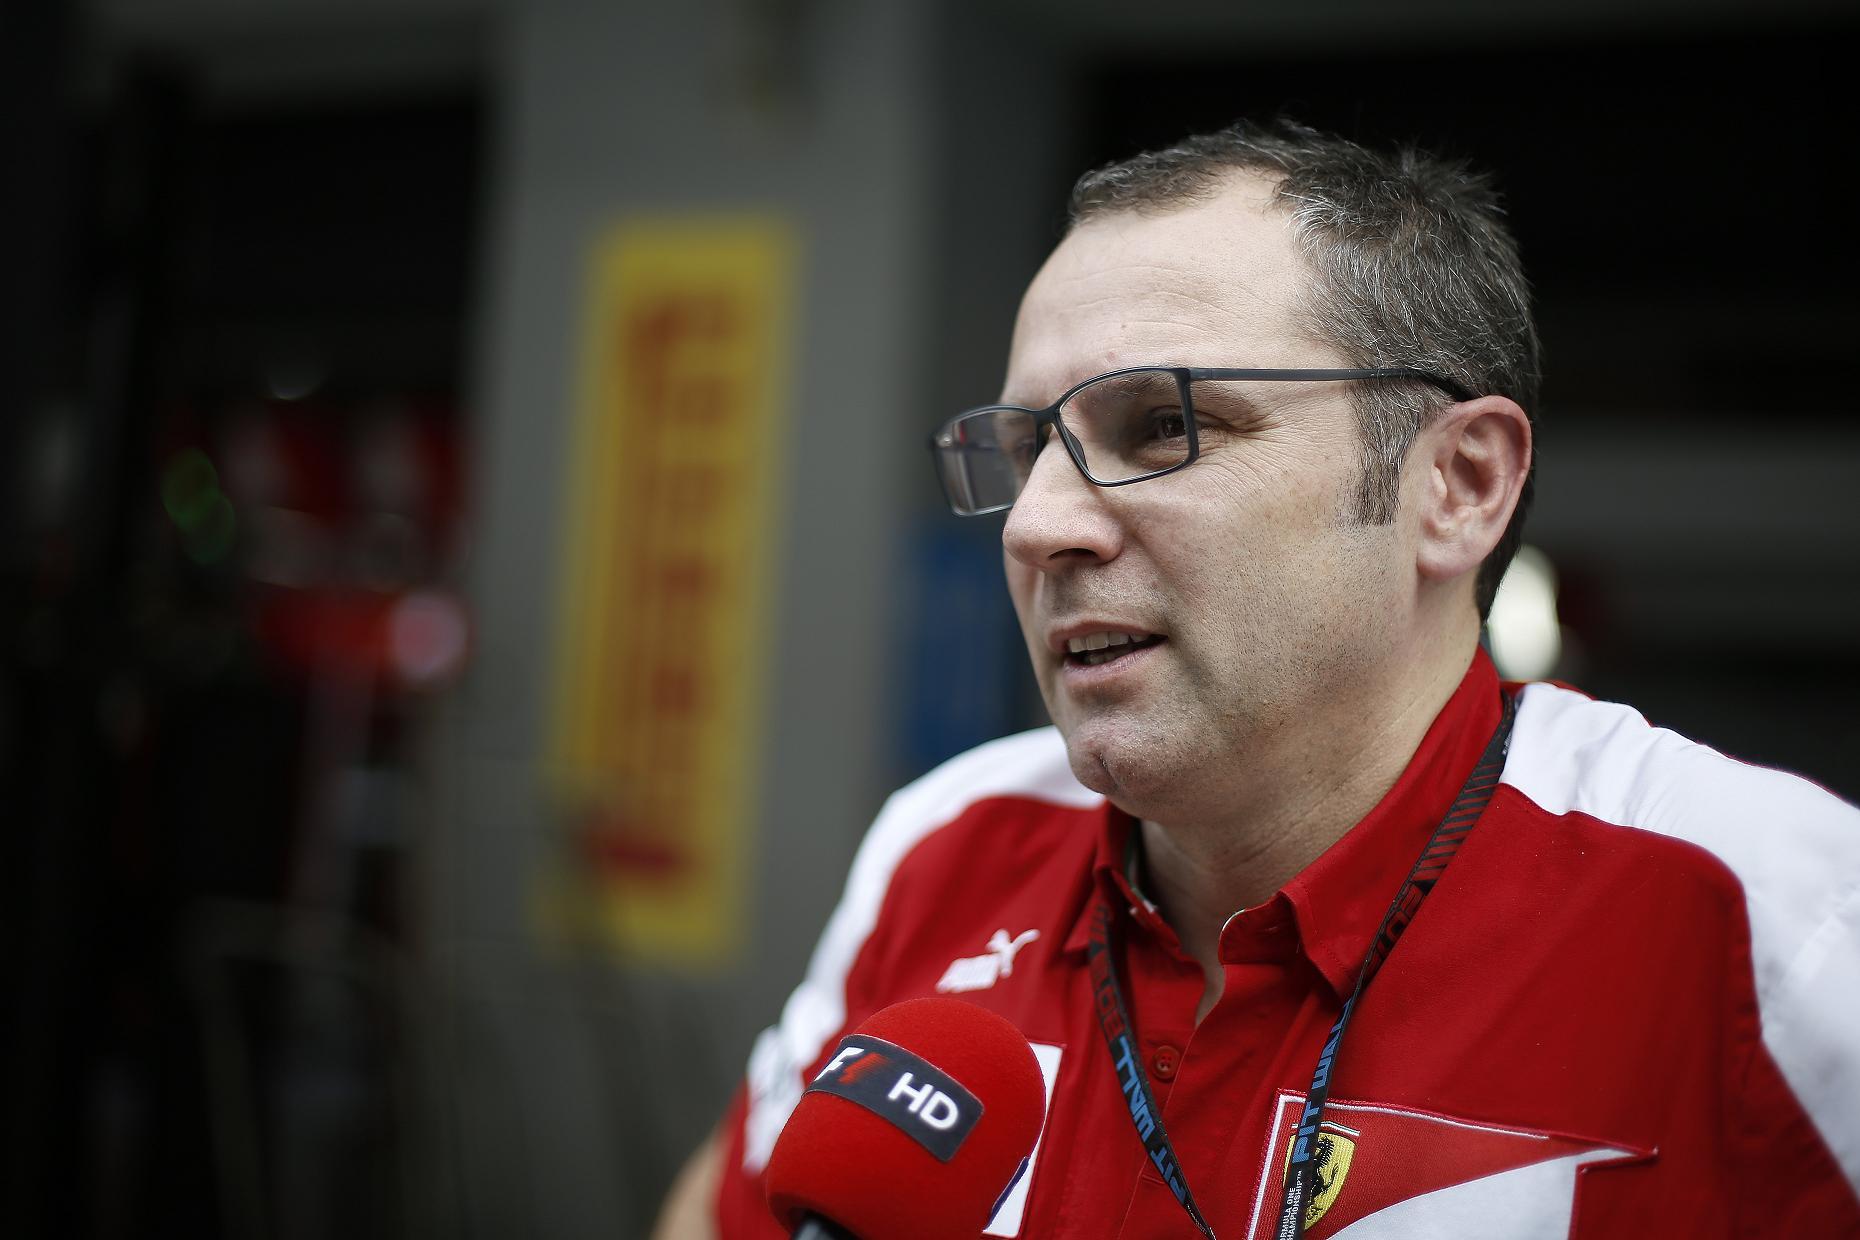 Domenicali: Ez még nem az a Ferrari, de dolgozunk a kérdéseken